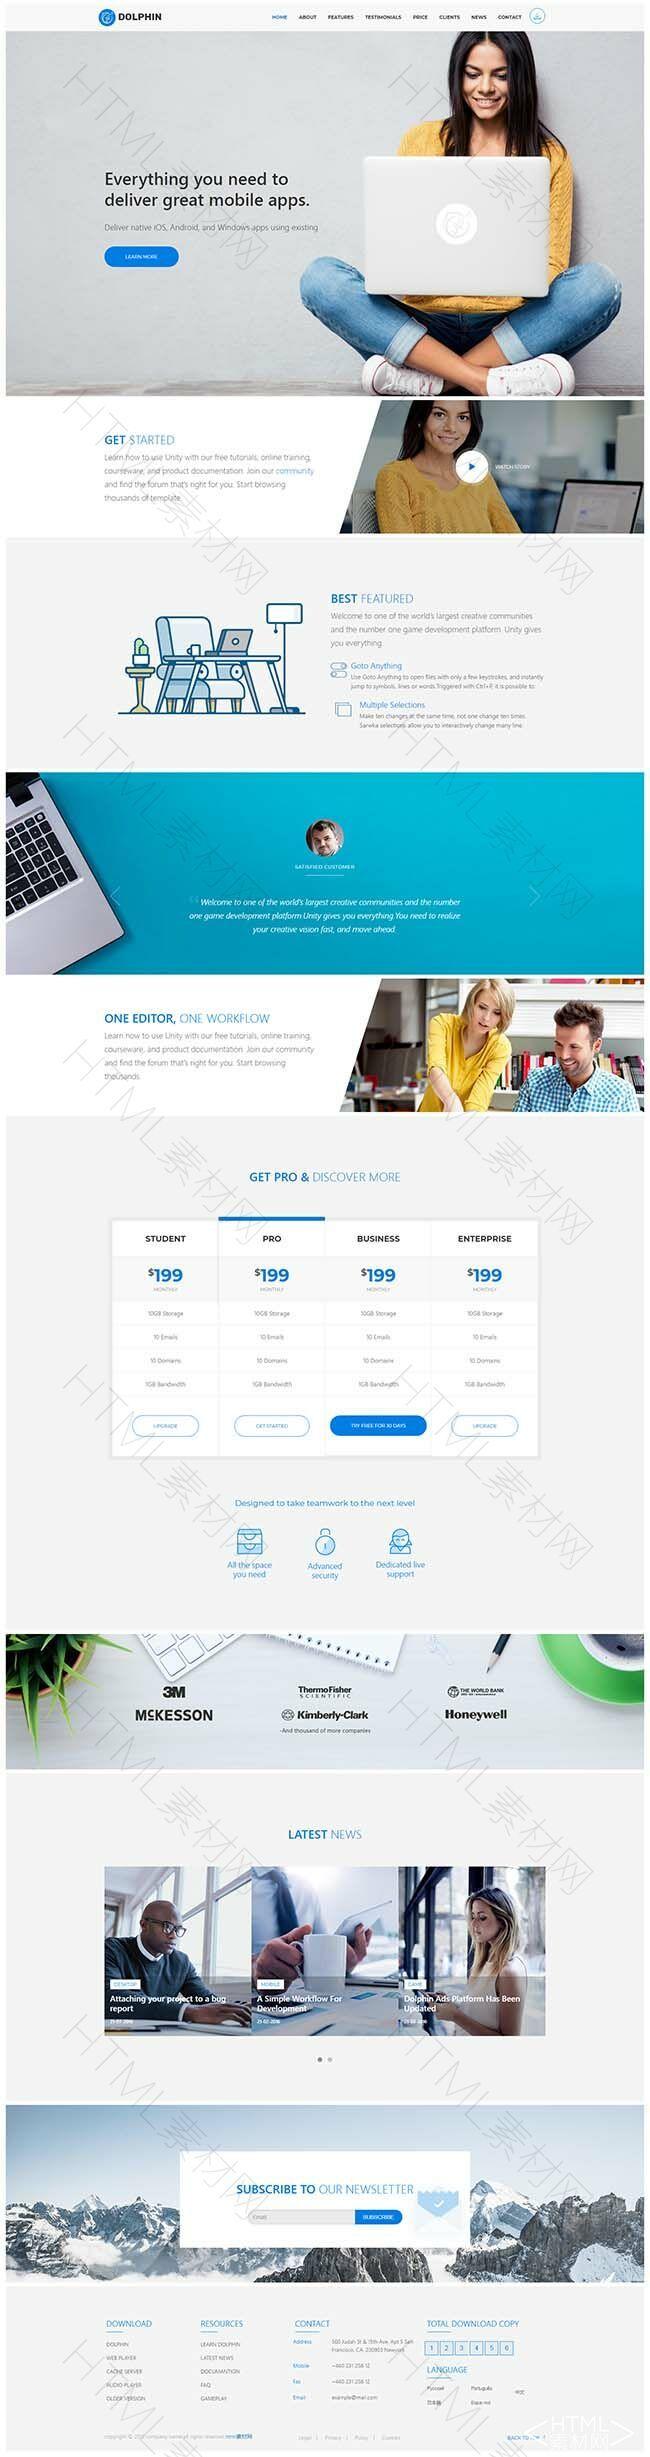 商务蓝色大气简洁的互联网科技公司网站模板.jpg